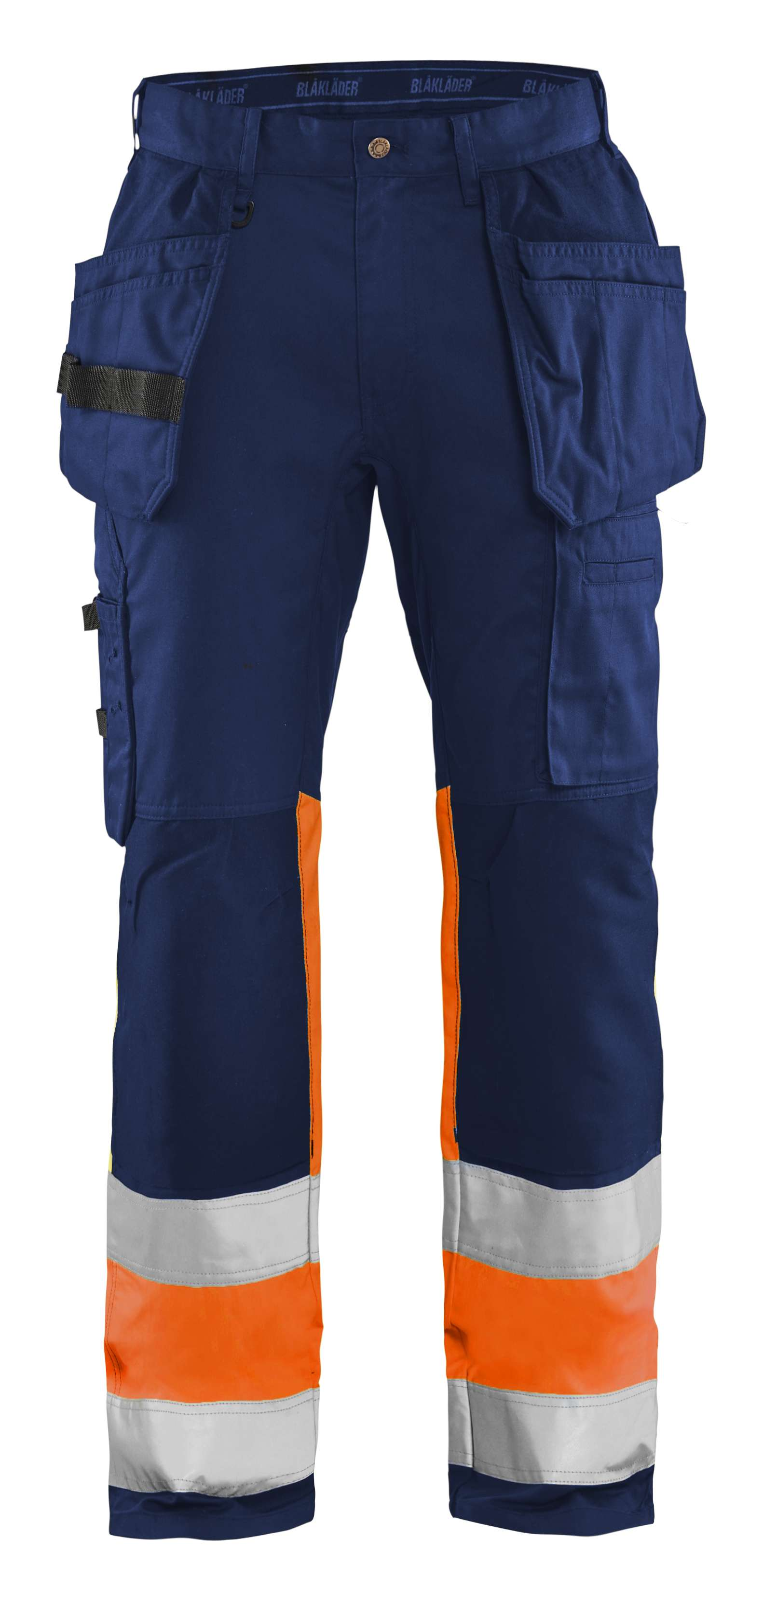 Blaklader Werkbroeken 15581811 High Vis marineblauw- fluo oranje(8953)